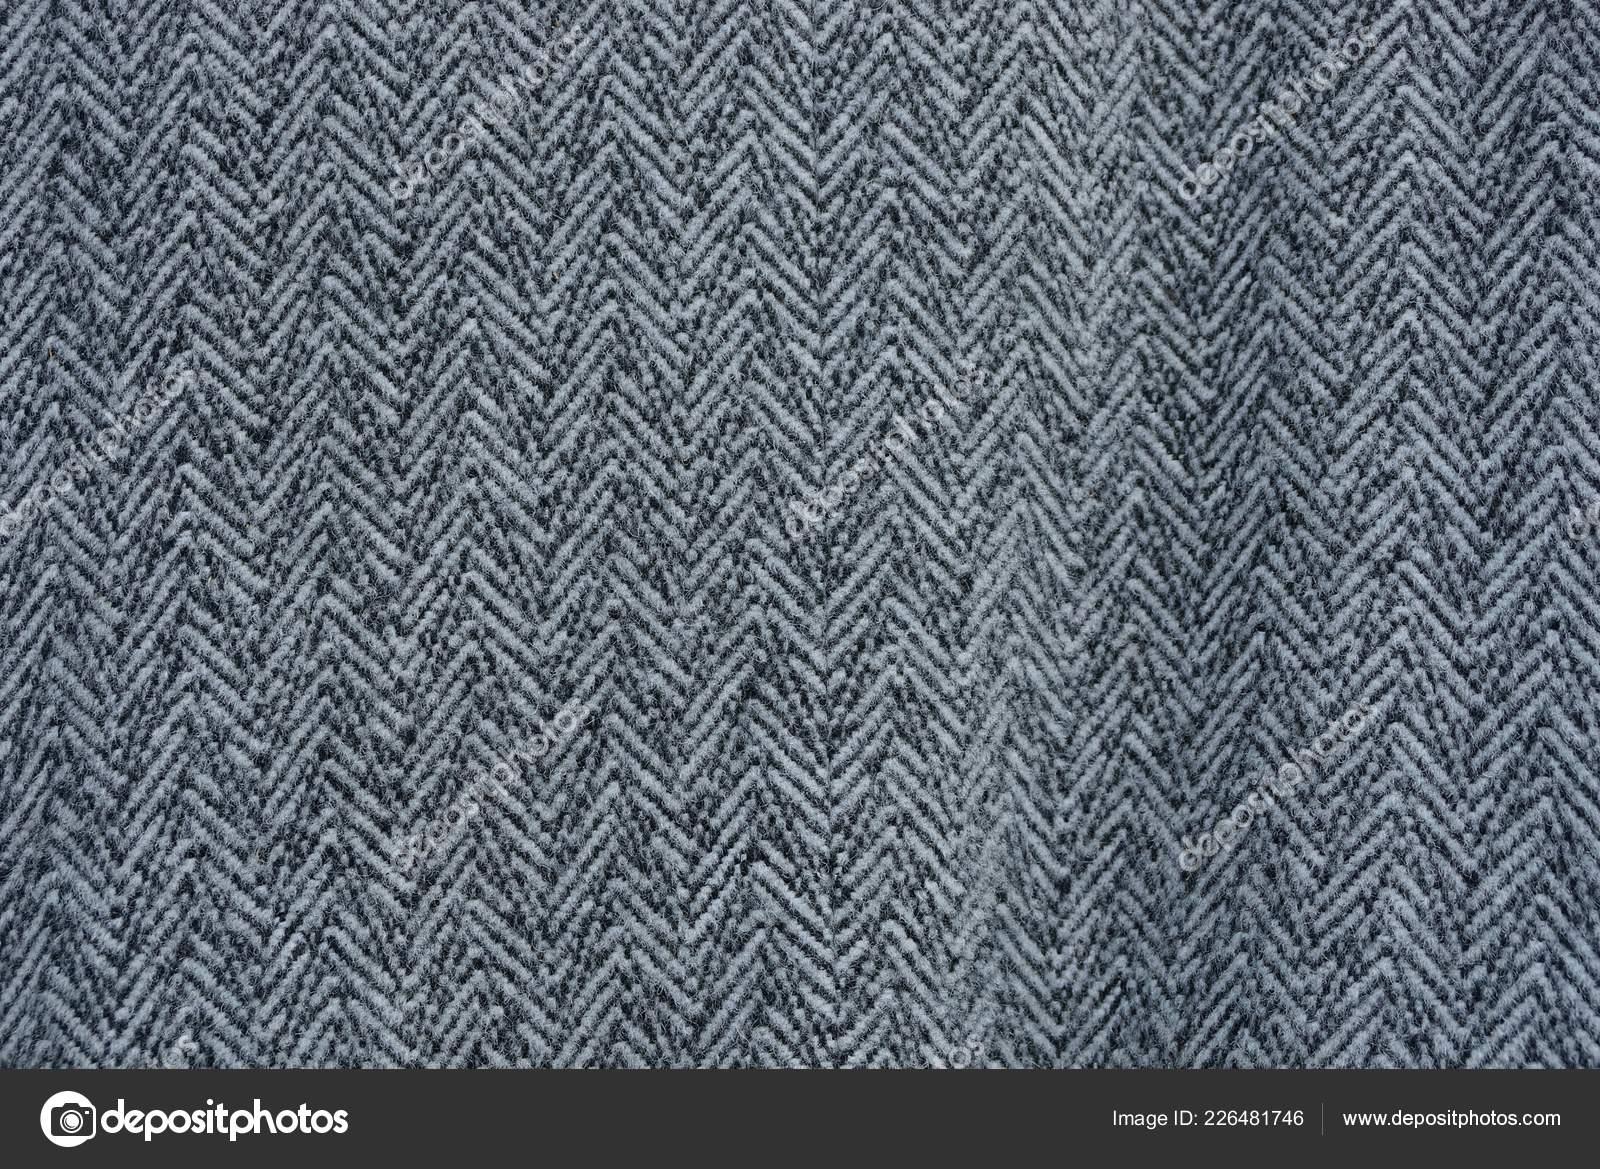 ef2735019a75 Trama di tessuto a righe nero grigio di un pezzo di lana — Foto di AnatolX